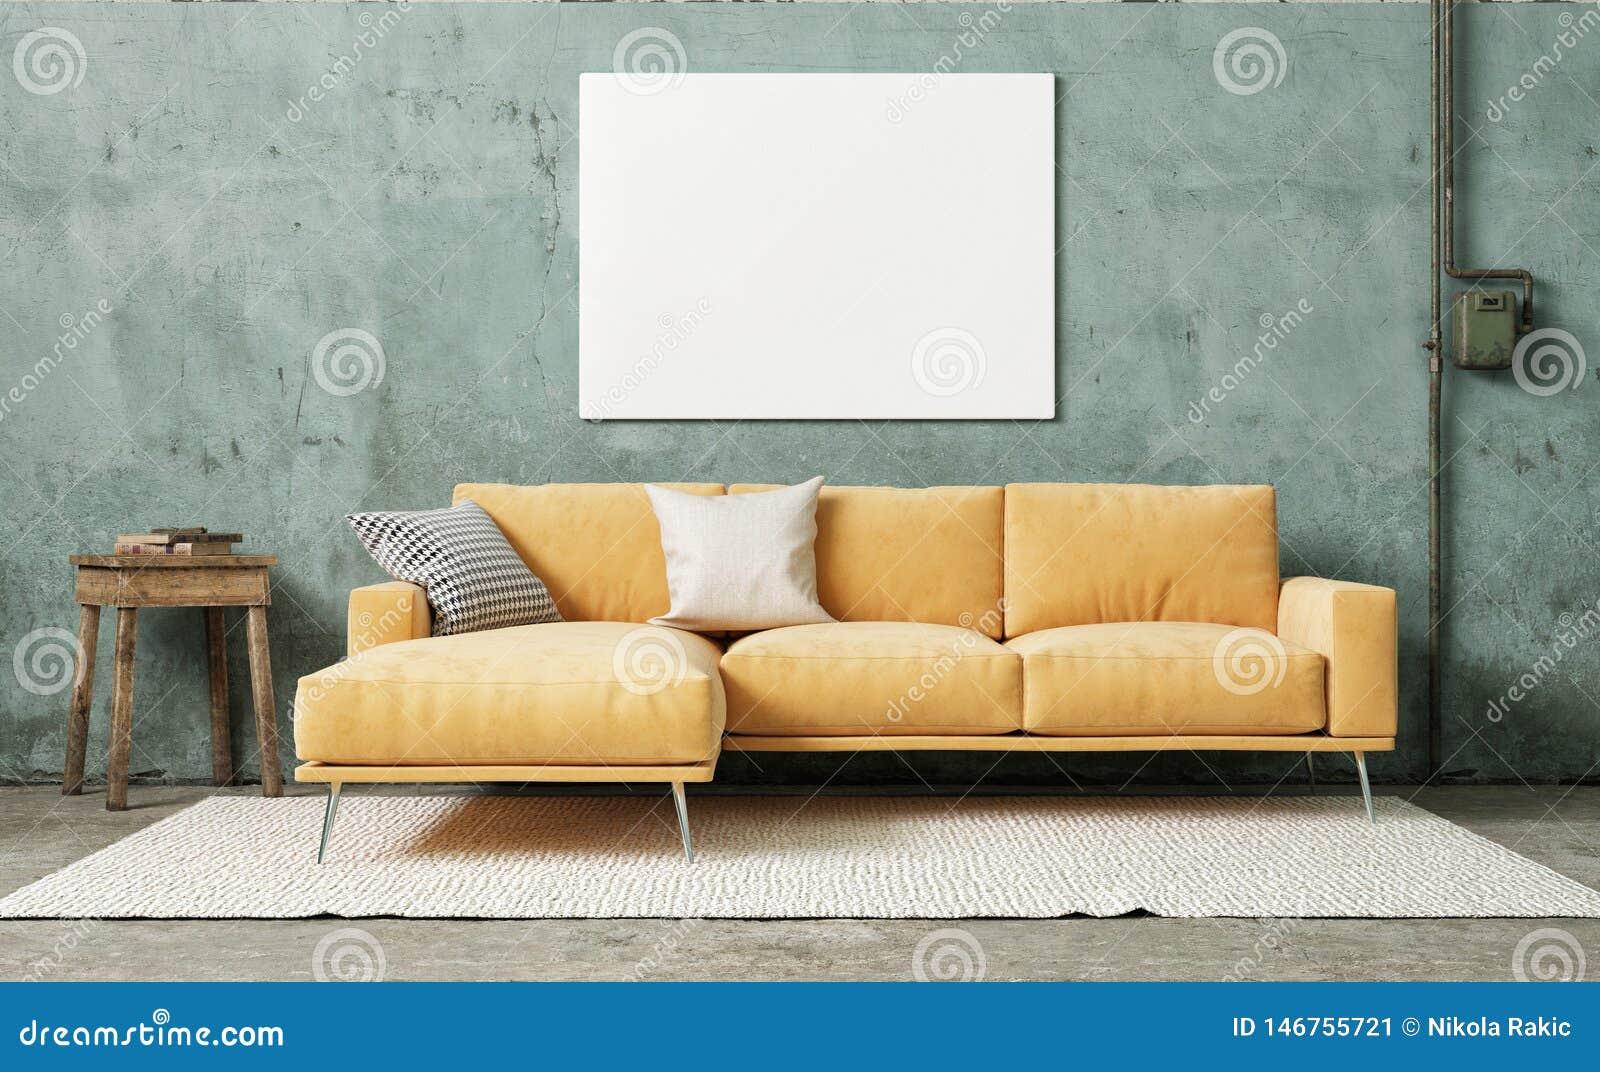 Wyśmiewa w górę plakata w rocznika pokoju, pomarańczowa kanapa z retro tynk ścianą